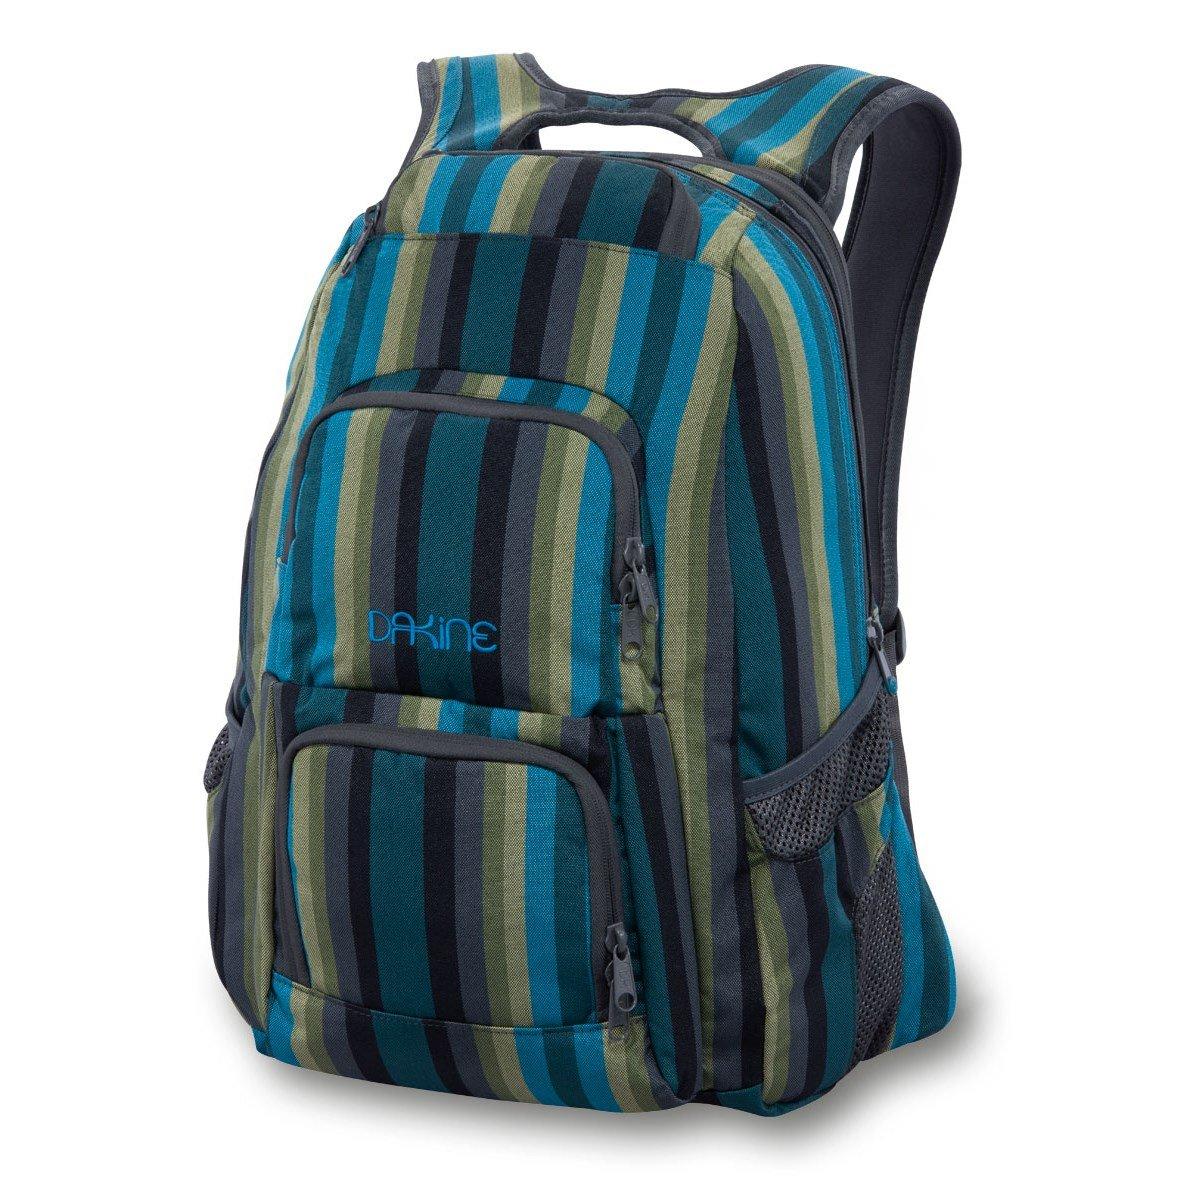 DaKine Jewel Laptop Backpack - Women's | evo